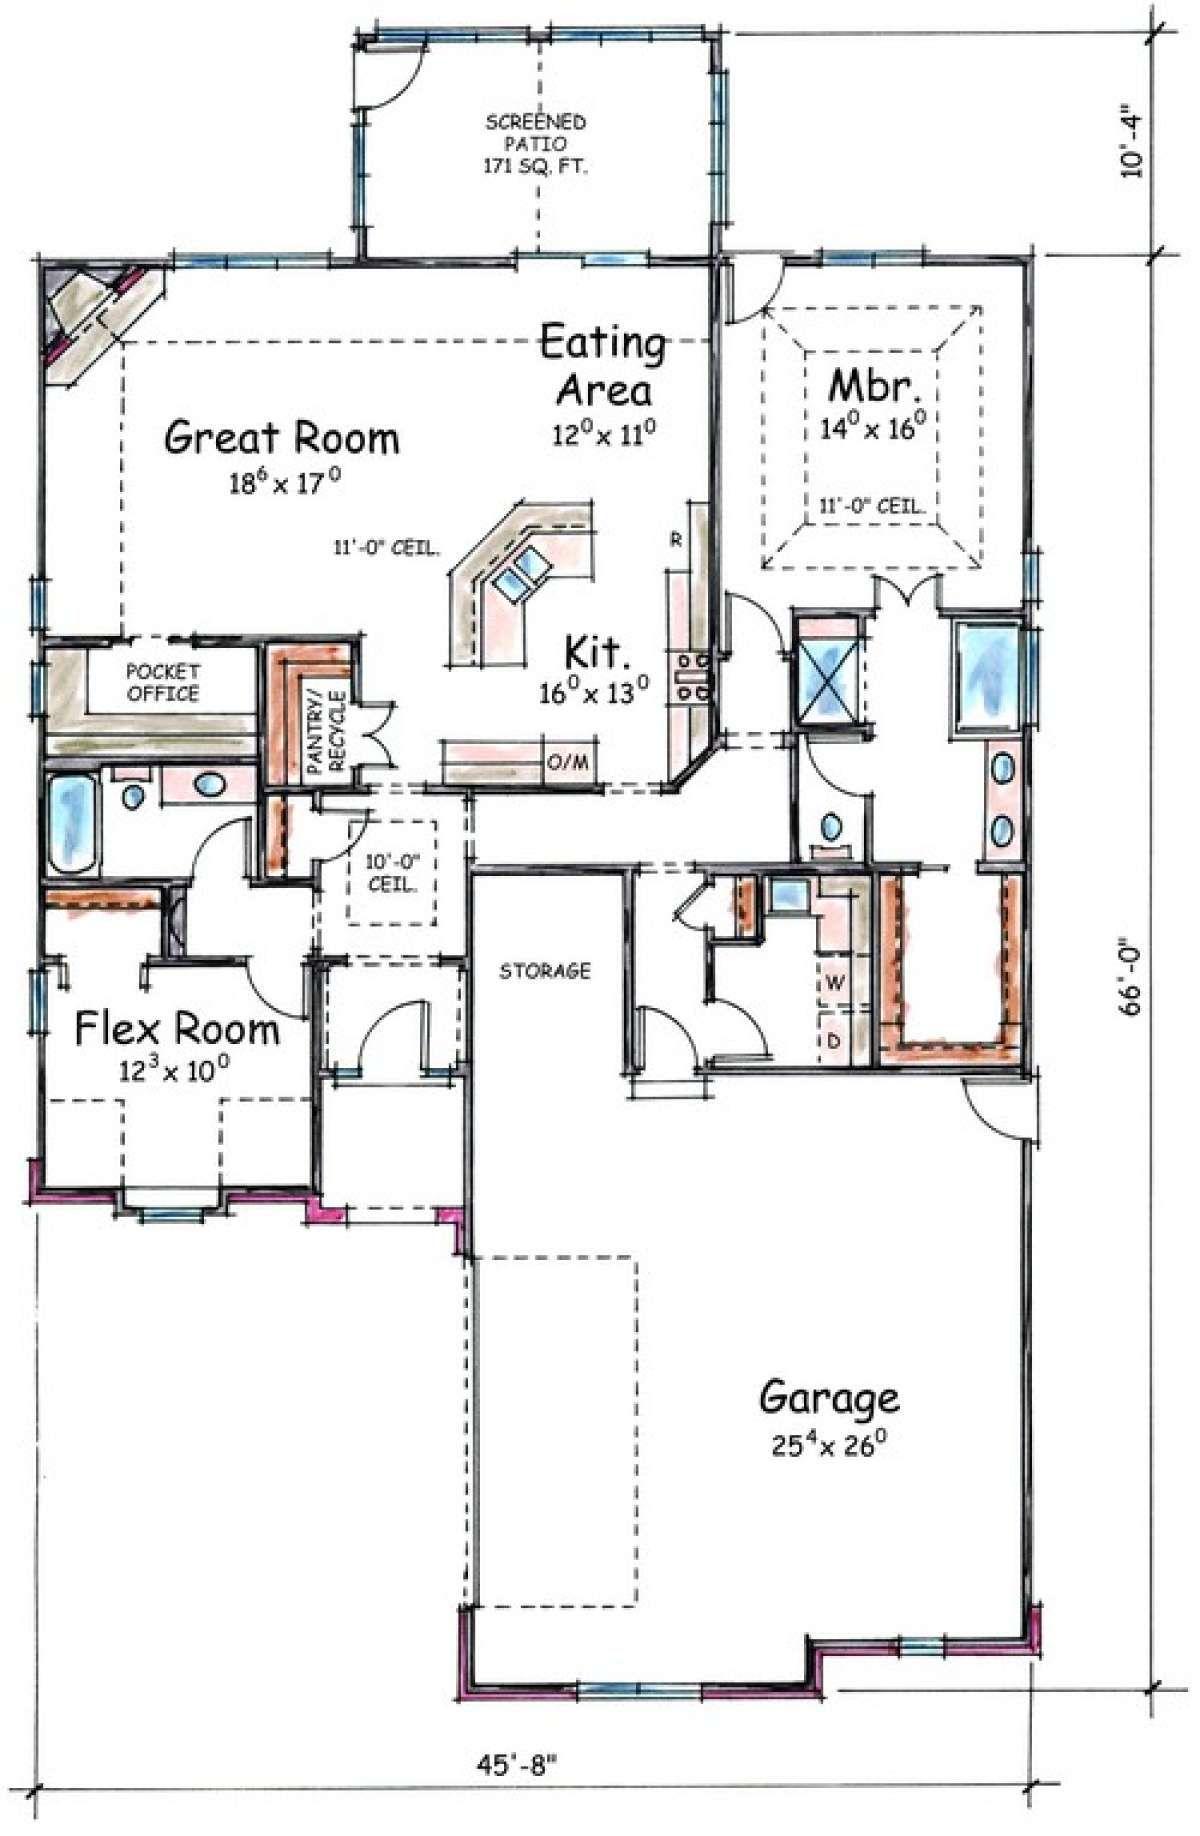 House Plan 40201373 Ranch Plan 1,789 Square Feet, 2